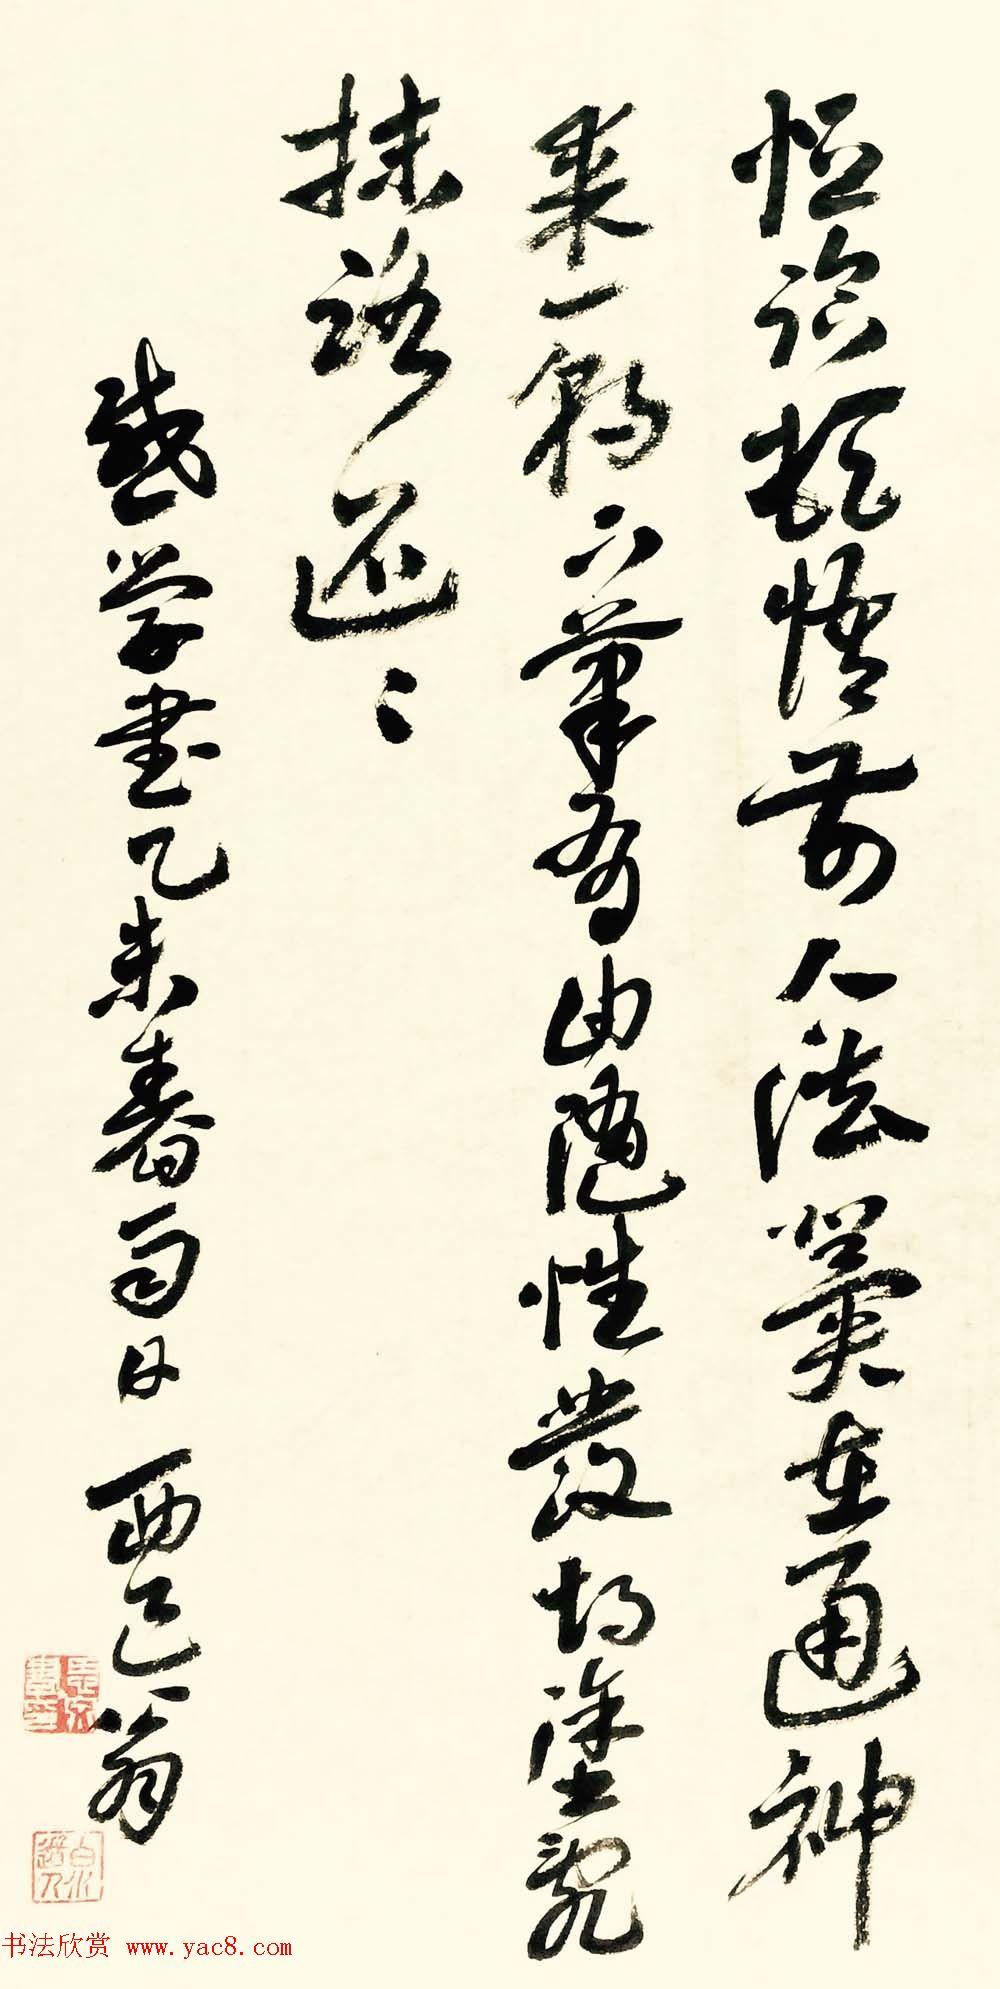 尹思泉书法作品《七言绝句三首》